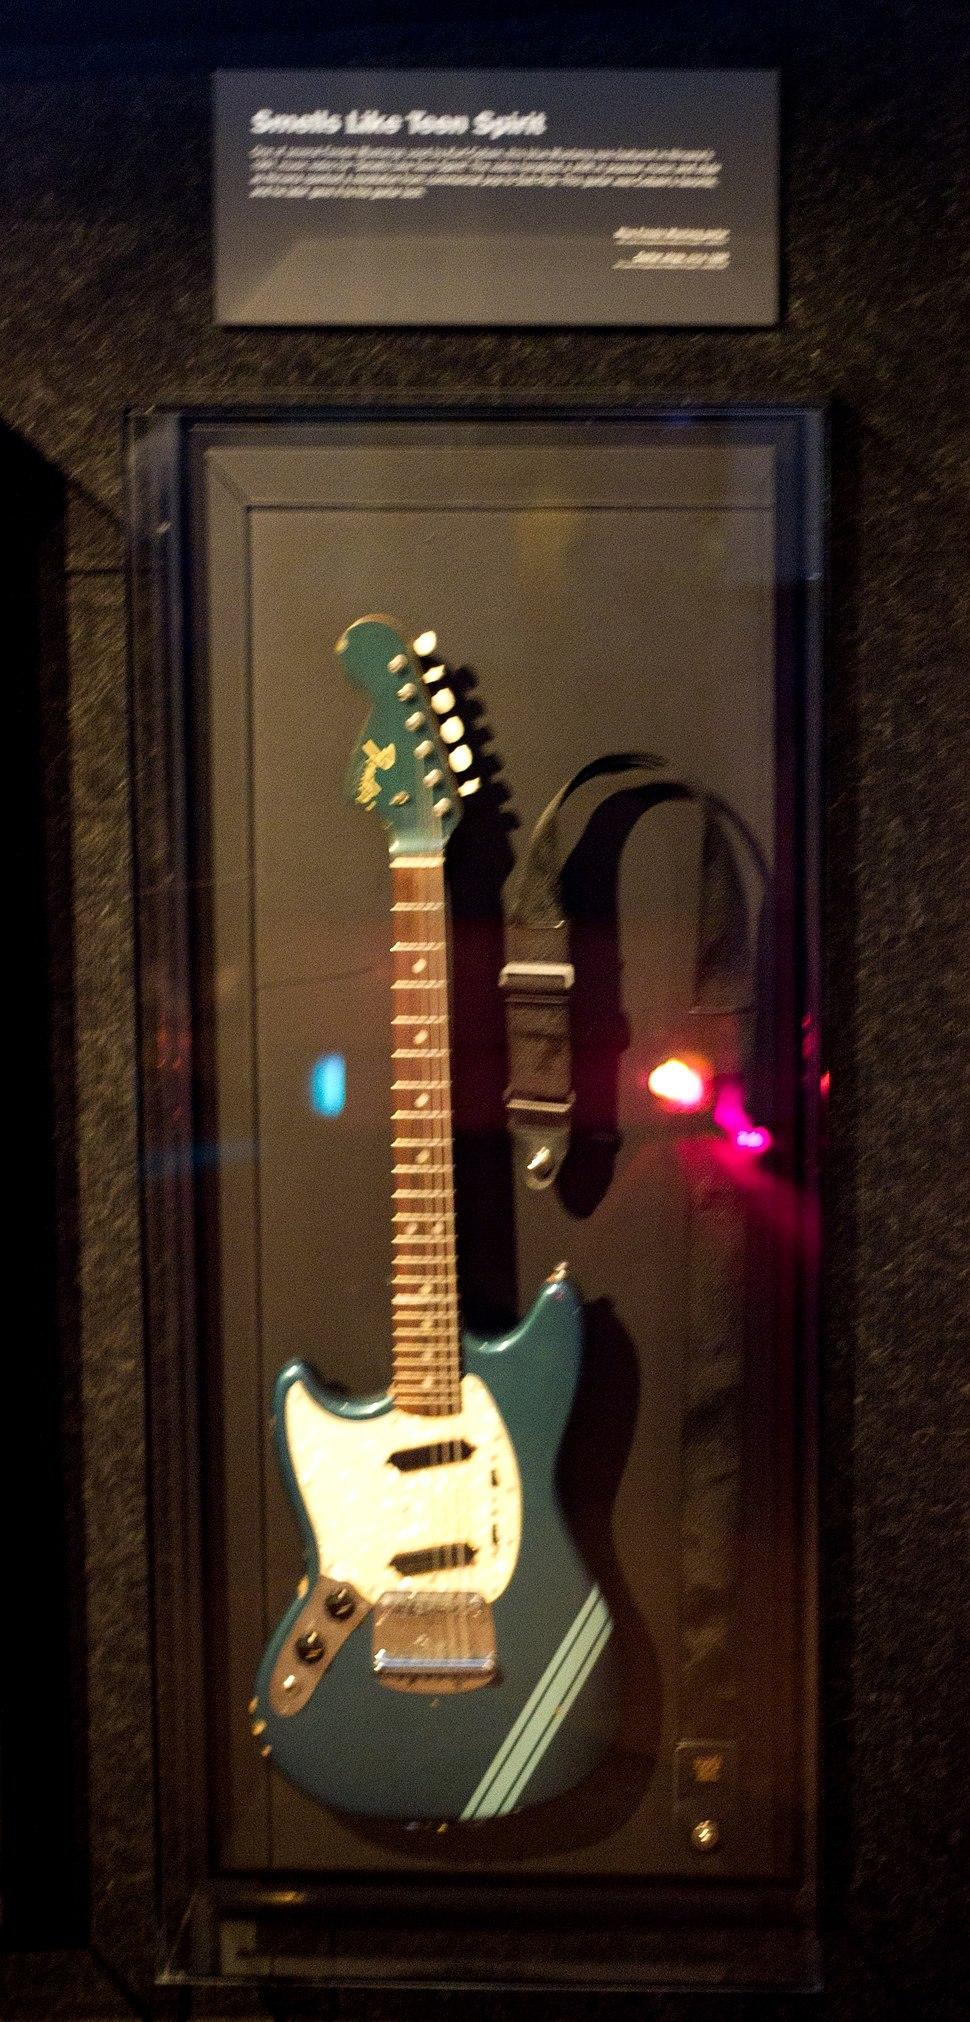 Kurt Cobain, Smells Like Teen Spirit guitar, EMP Museum